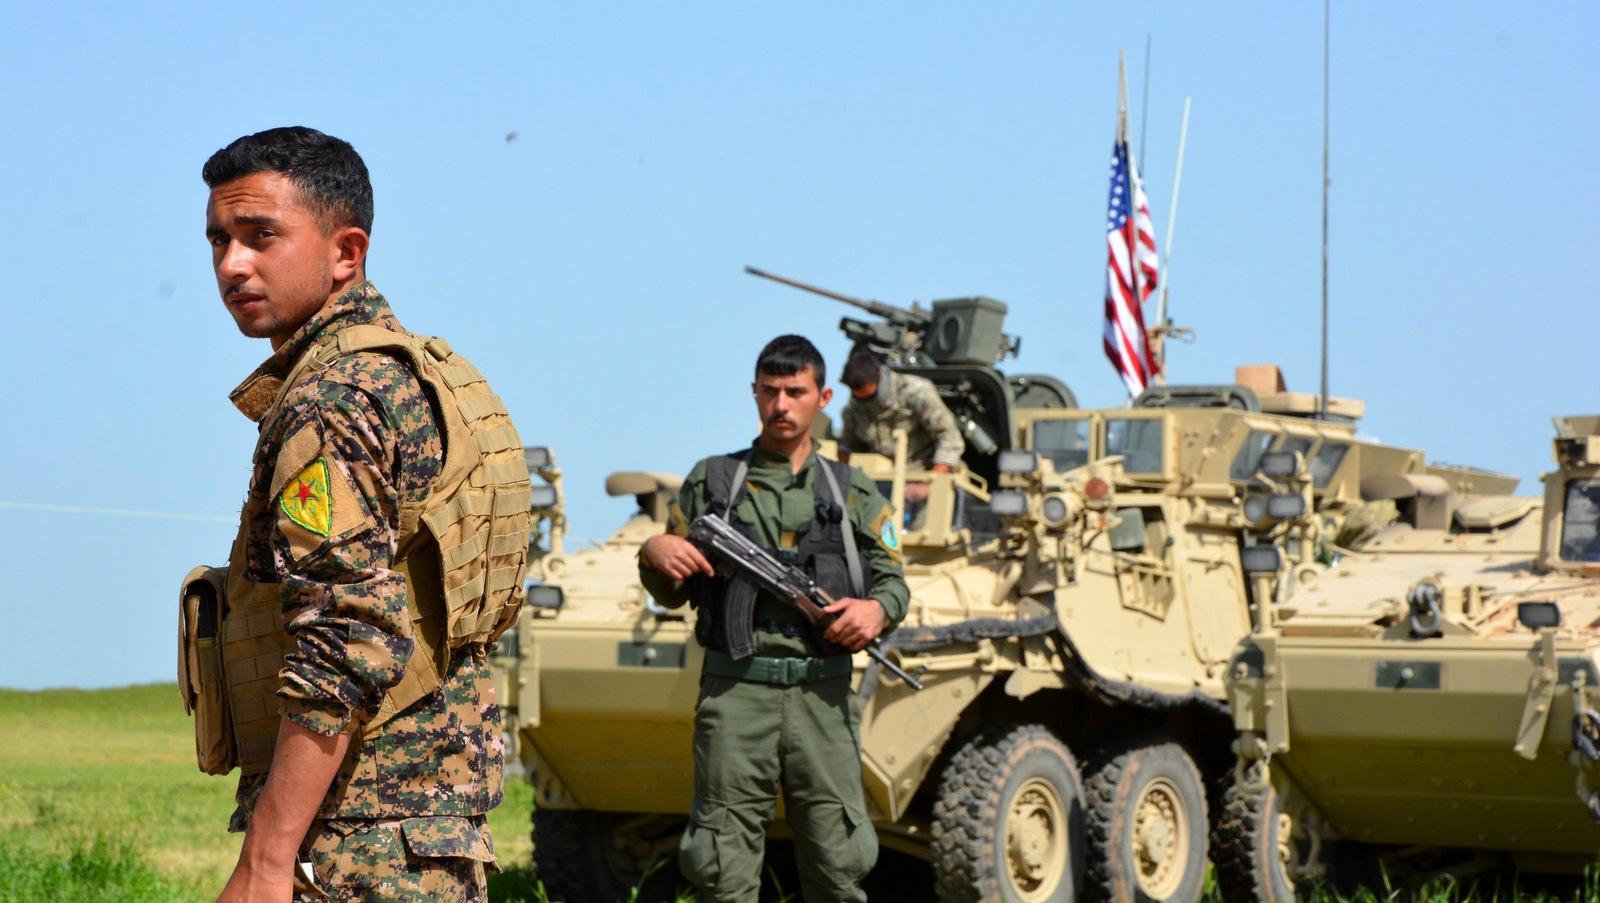 صورة قسد: الأمريكان انسحبوا من سوريا إعلامياً فقط.. وعلى الأرض لا متغيرات